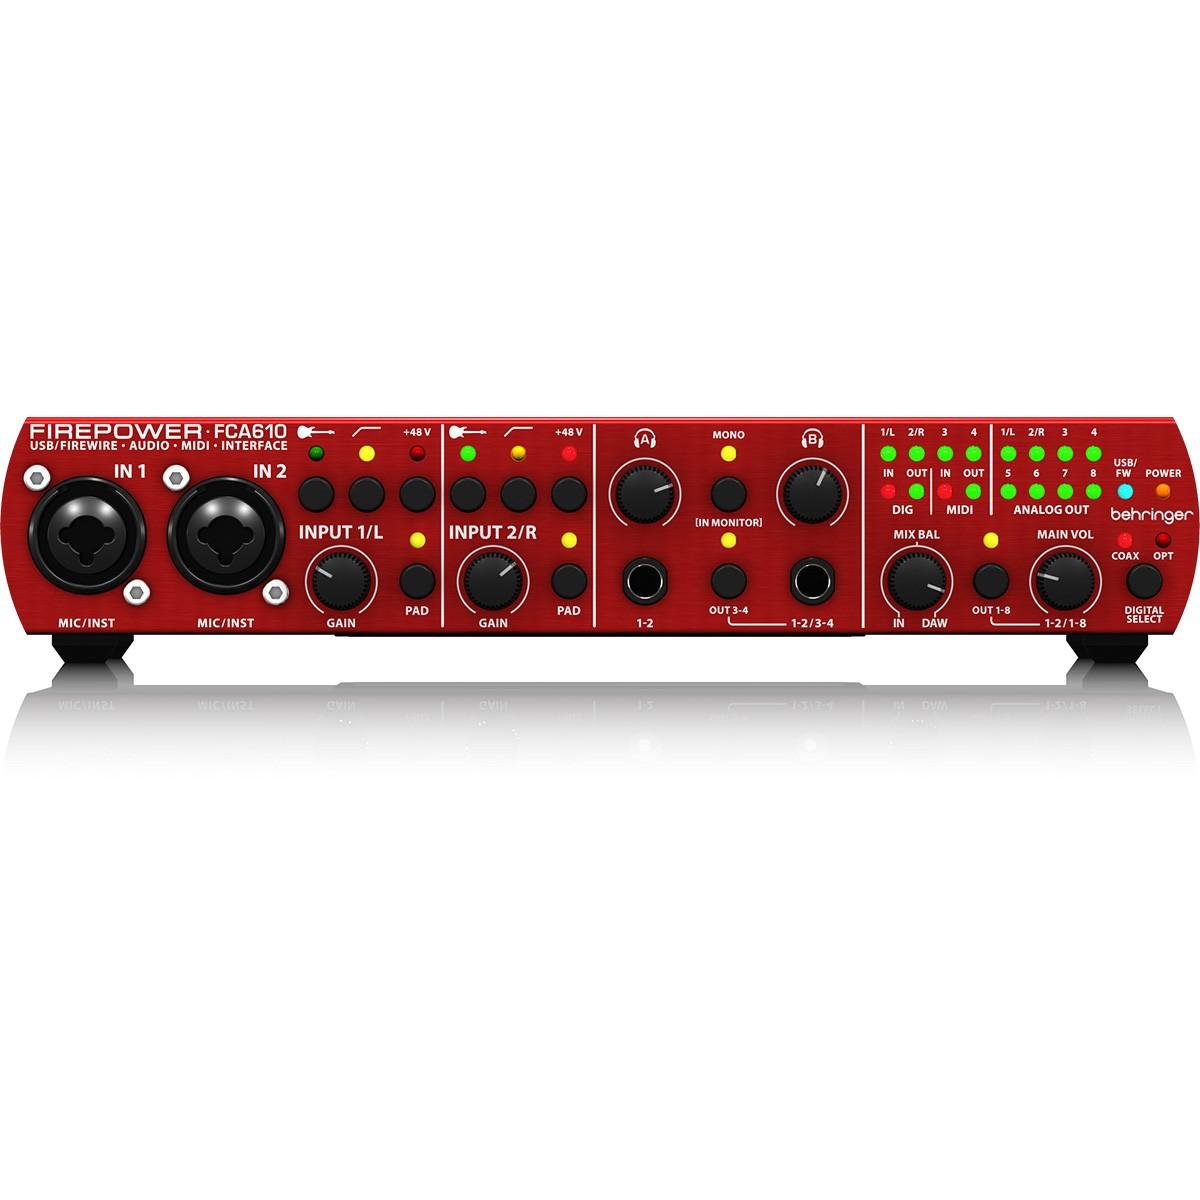 Behringer FCA610 FirePower Interface de Audio, Usb, Bivolt